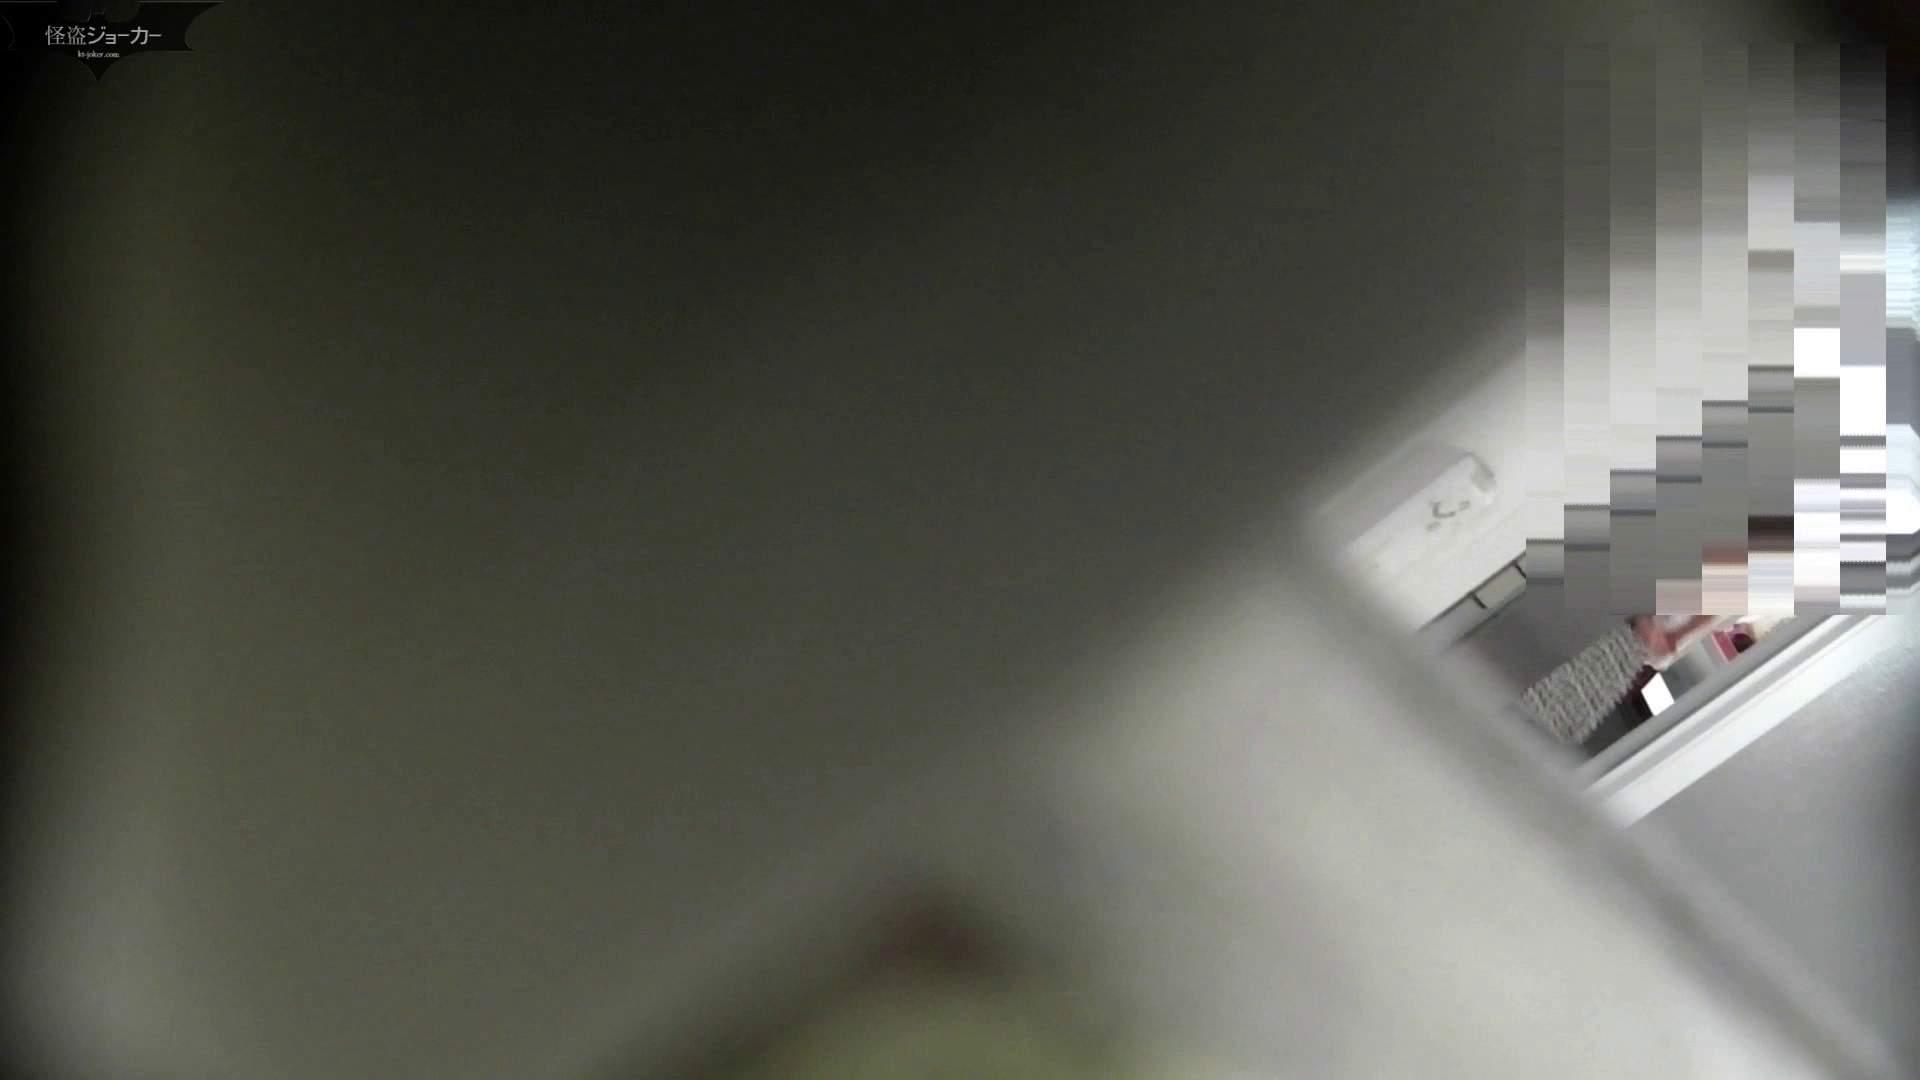 【美しき個室な世界】洗面所特攻隊 vol.051 洗面所 | OLの実態  49pic 15